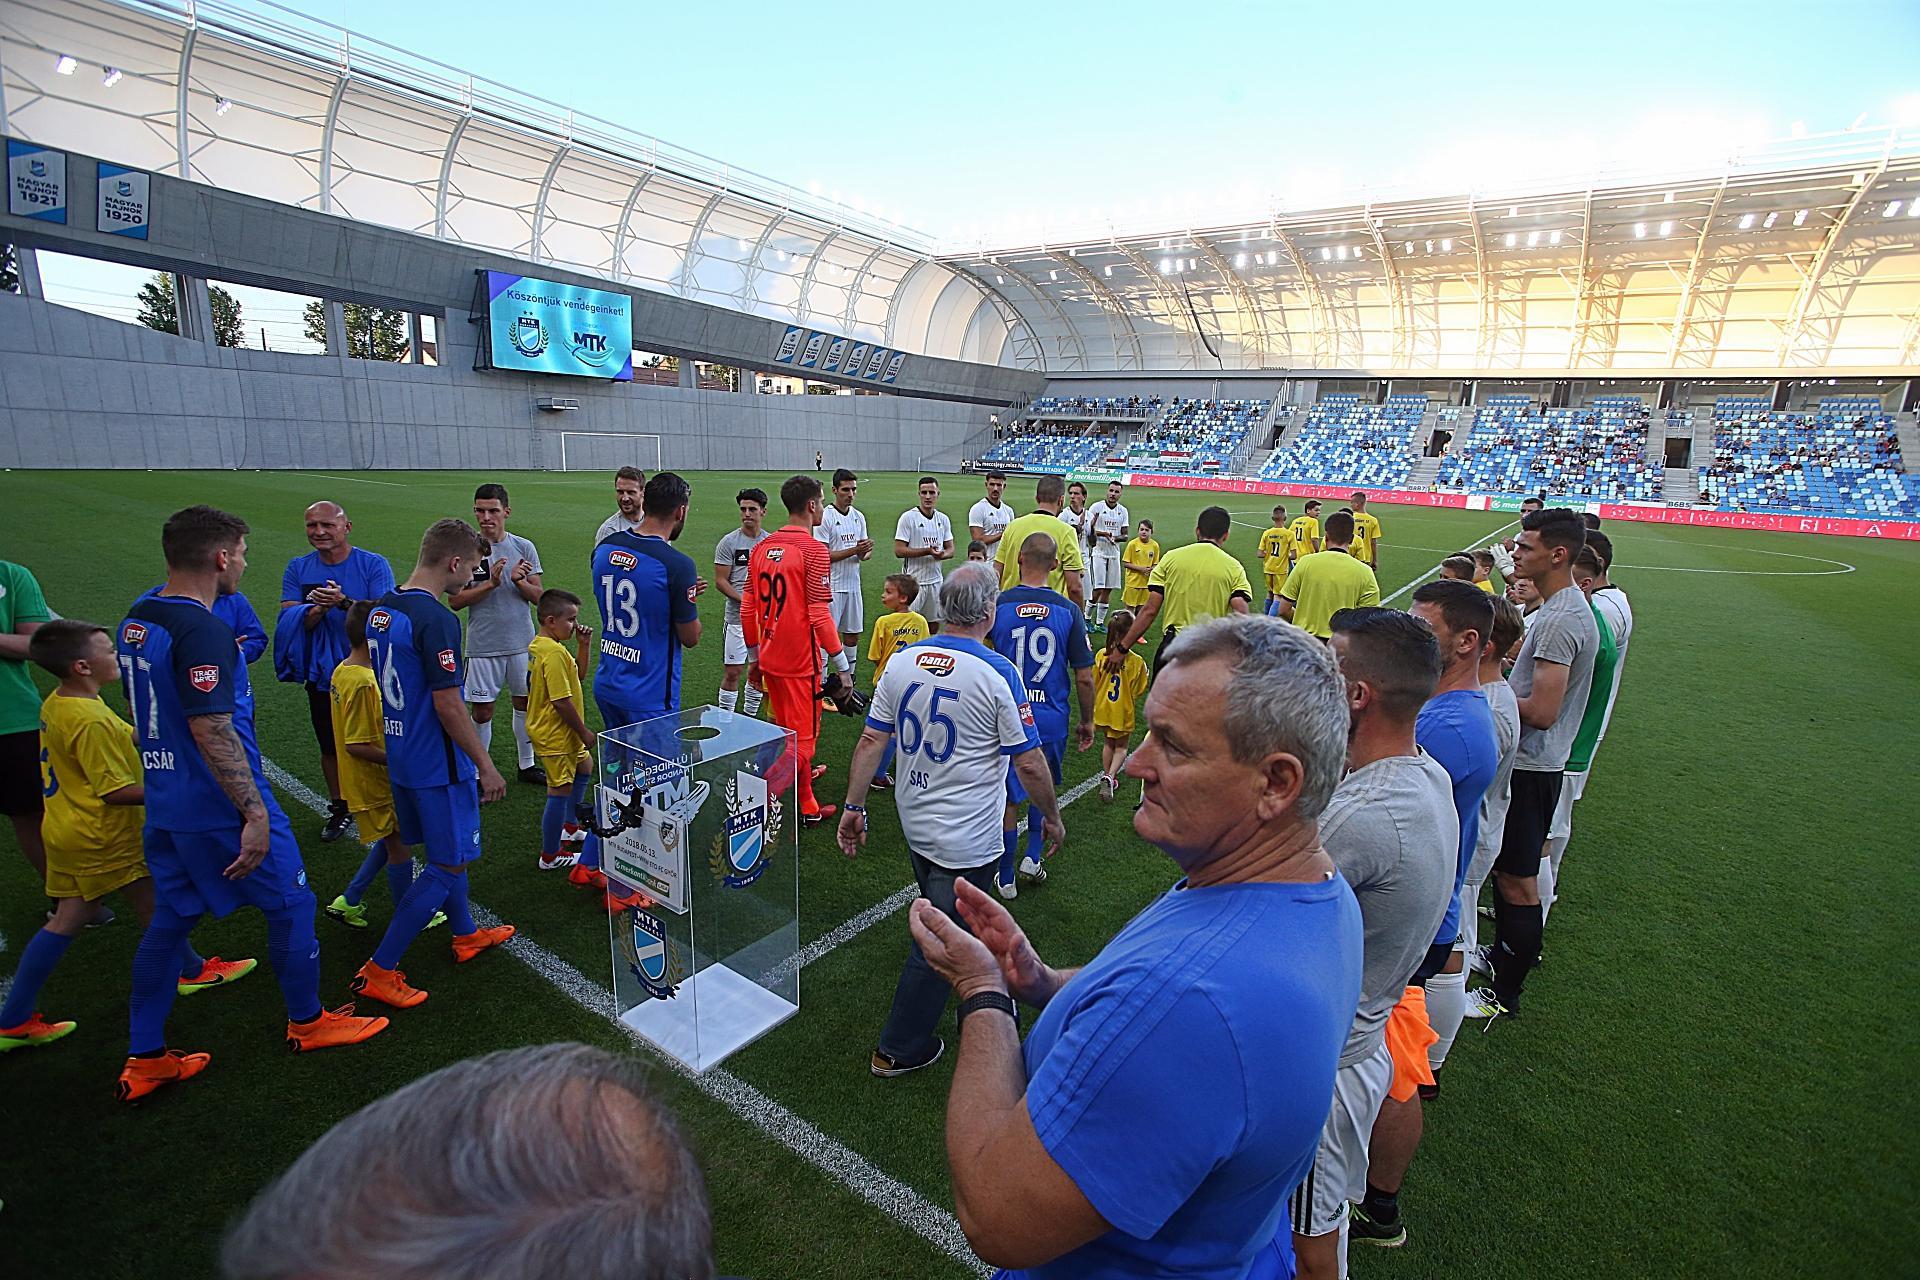 BEMUTATJUK SZERDAI ELLENFELÜNKET: AMIT A WKW ETO FC GYŐRRŐL TUDNI KELL